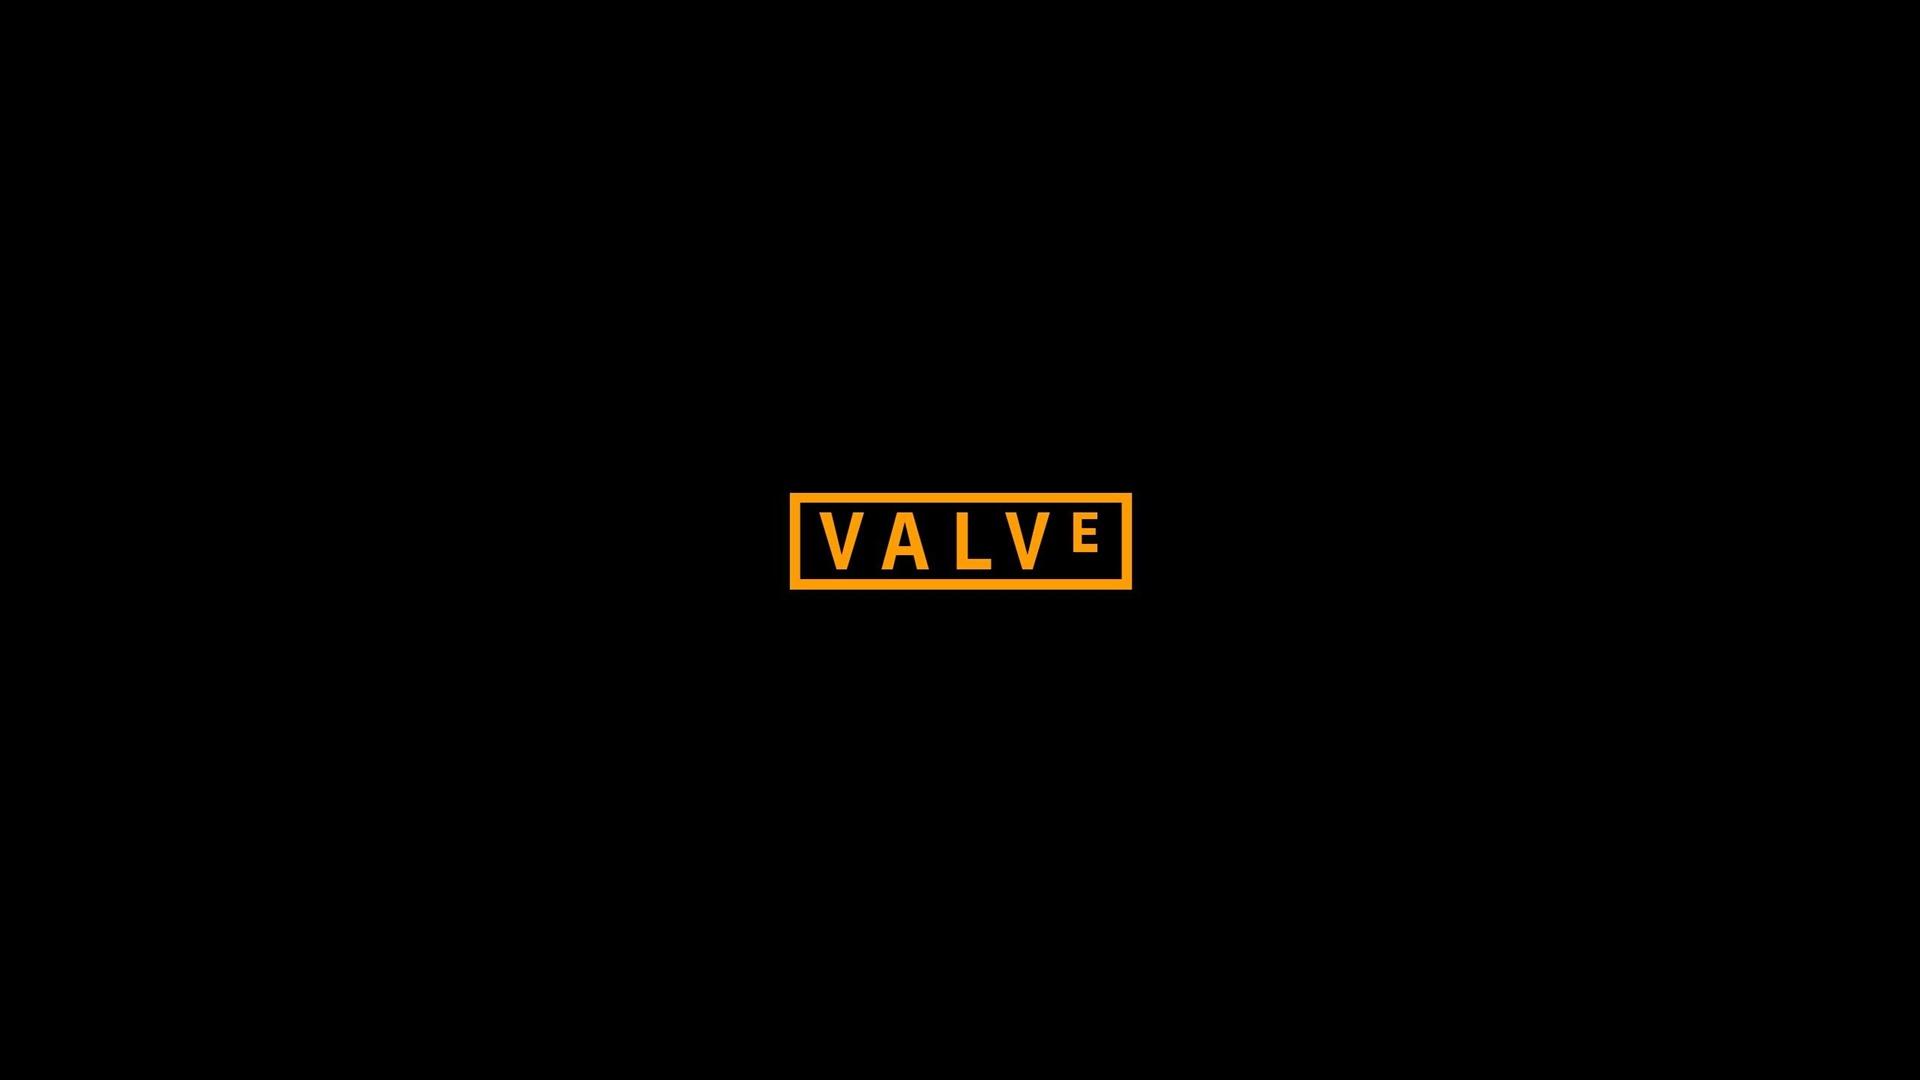 英伟达logo壁纸_valve标志-品牌广告壁纸预览 | 10wallpaper.com